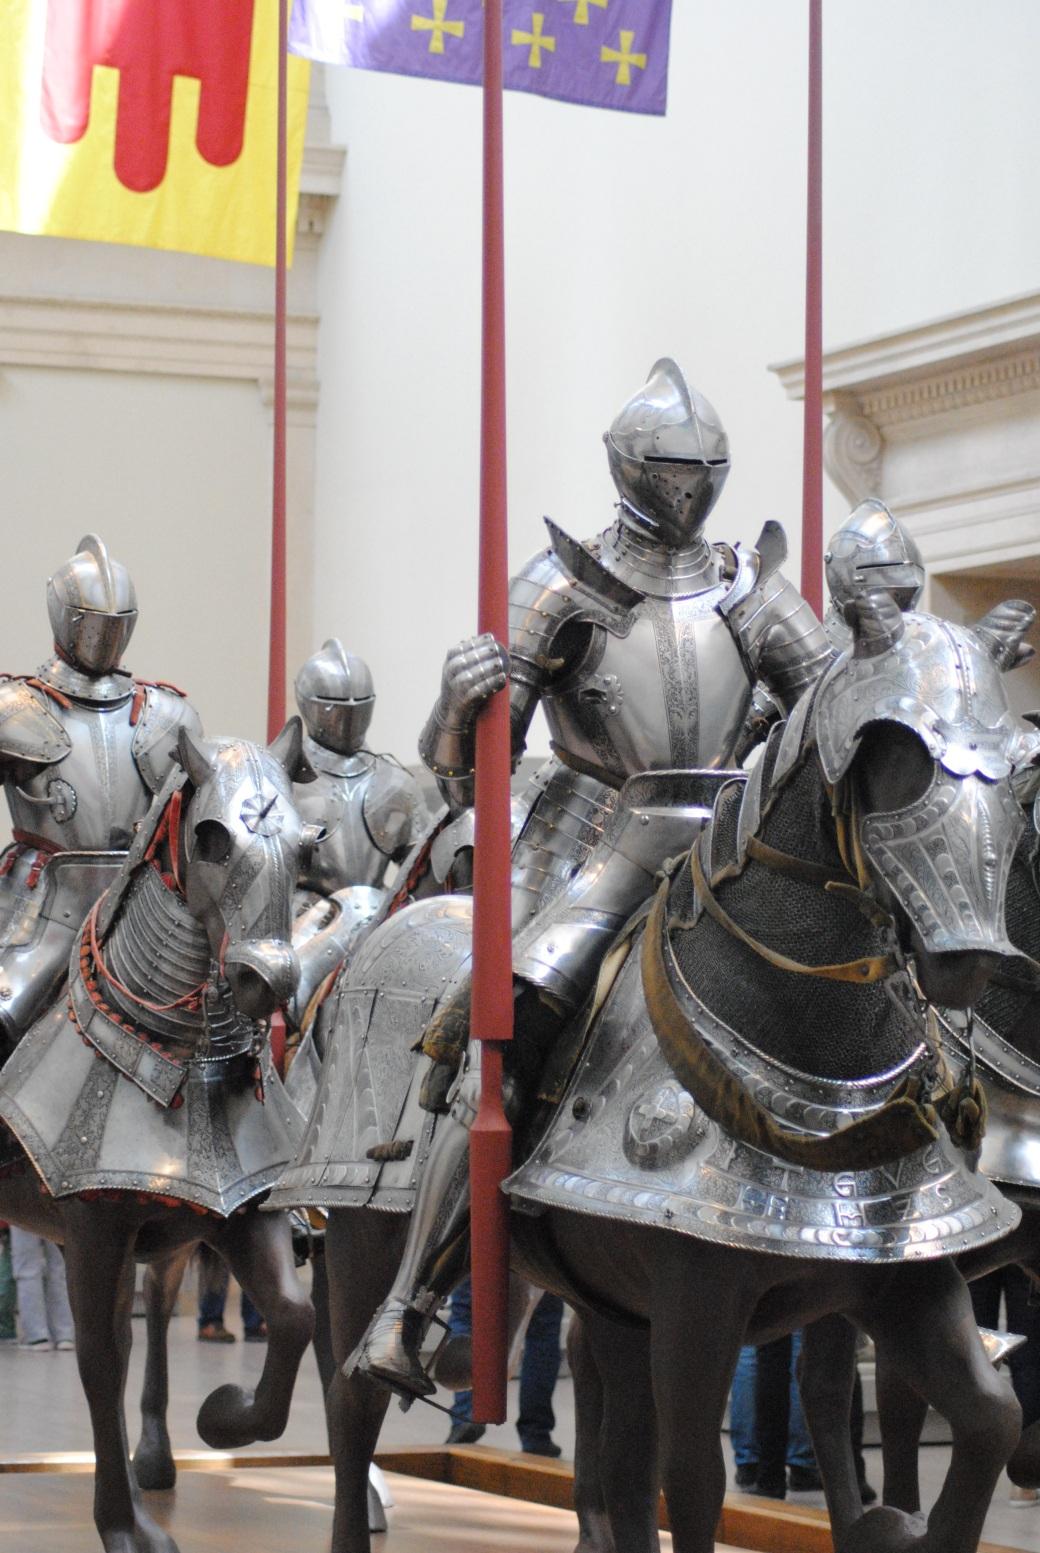 Amazing Armor!